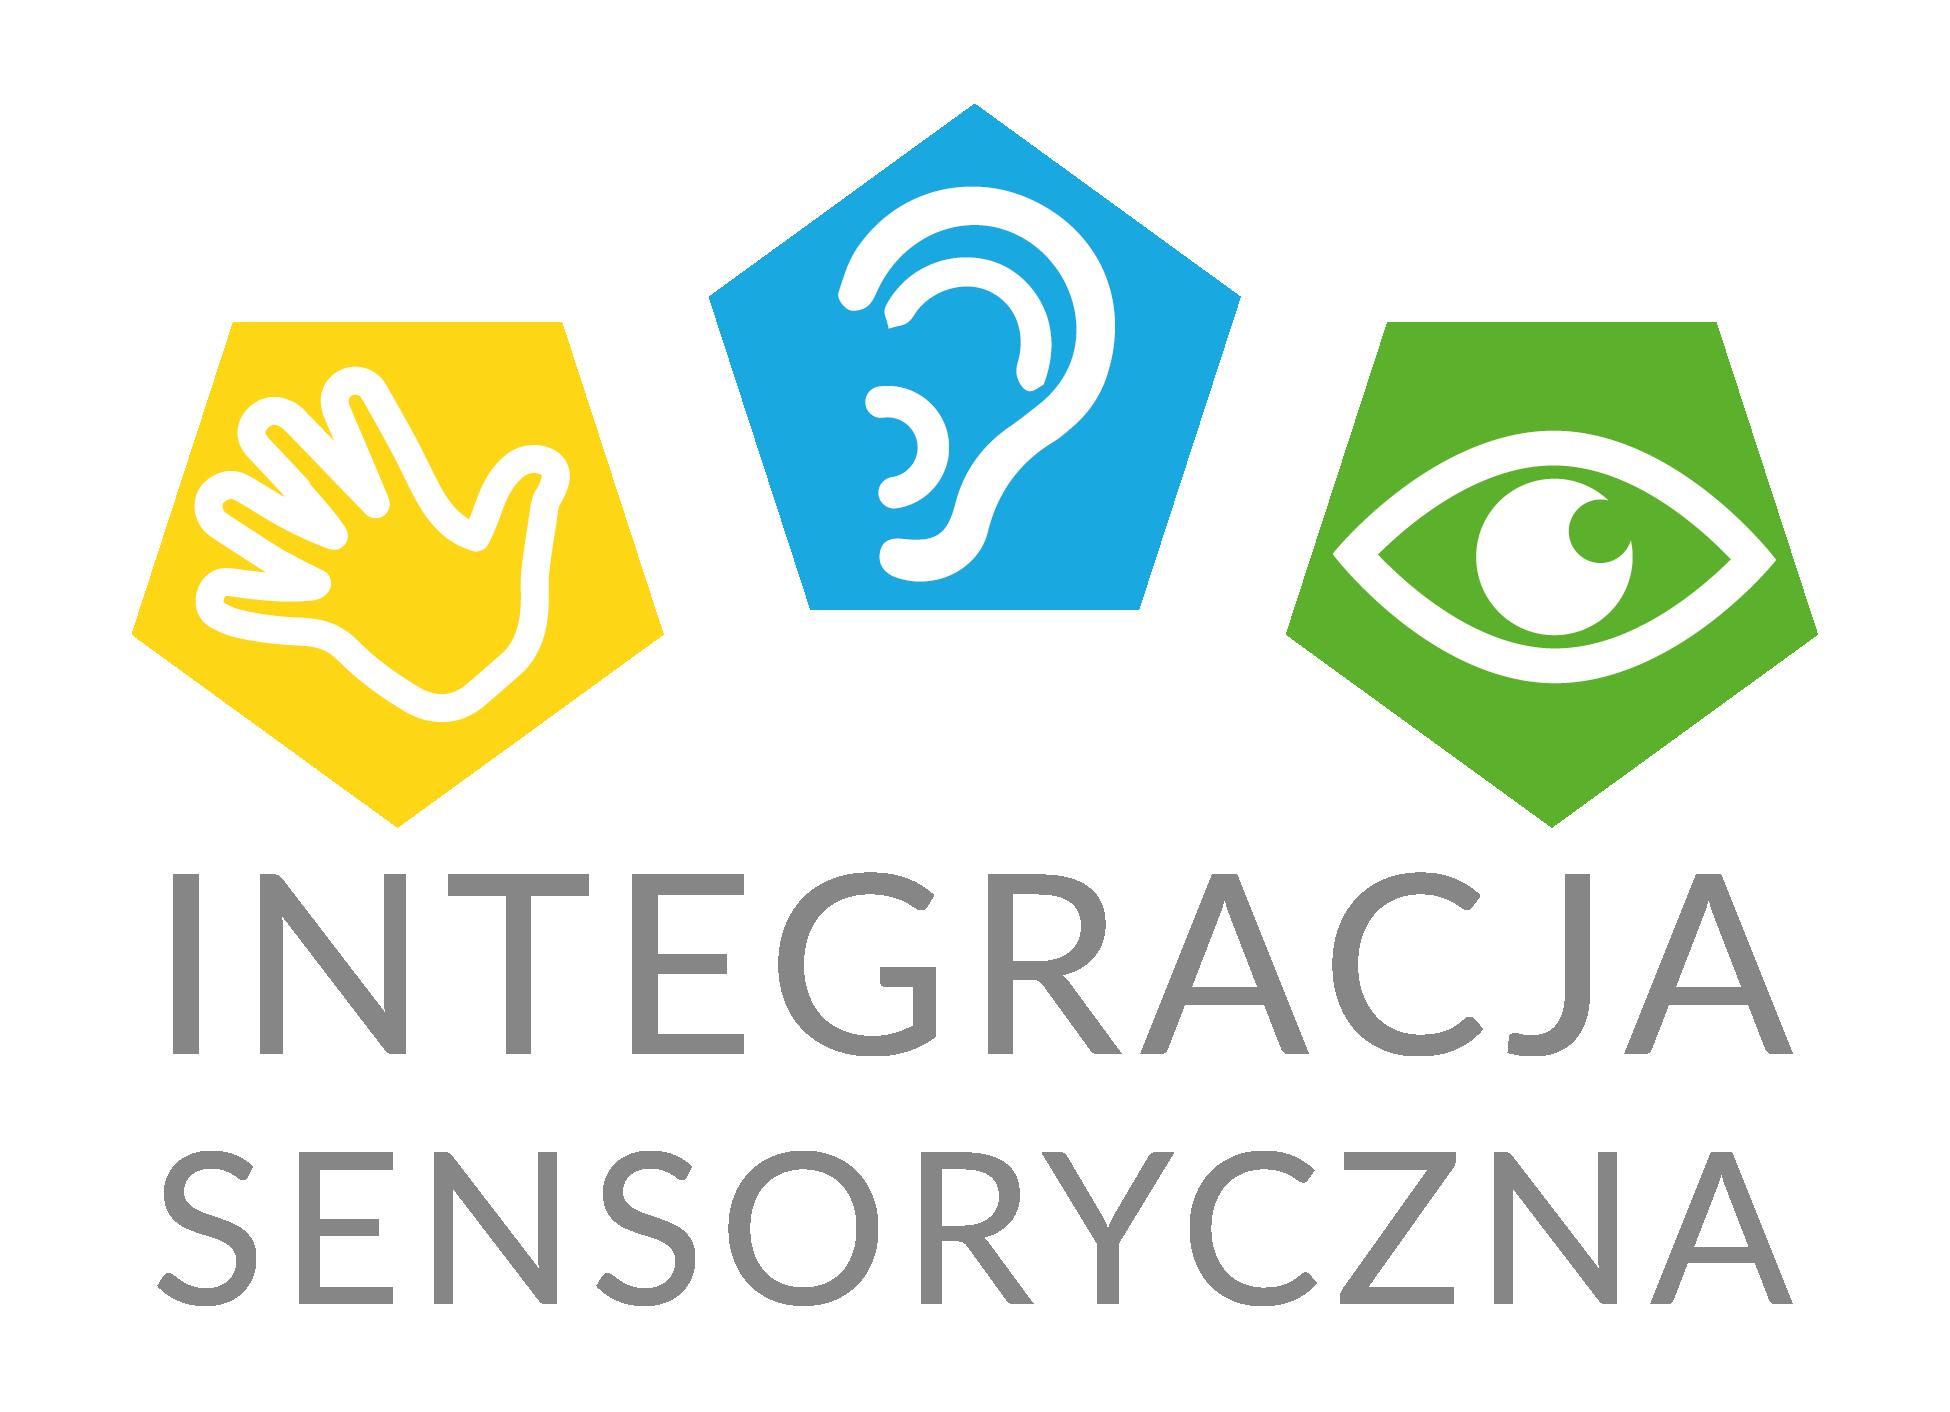 Logo strony internetowej na temat integracji sensorycznej